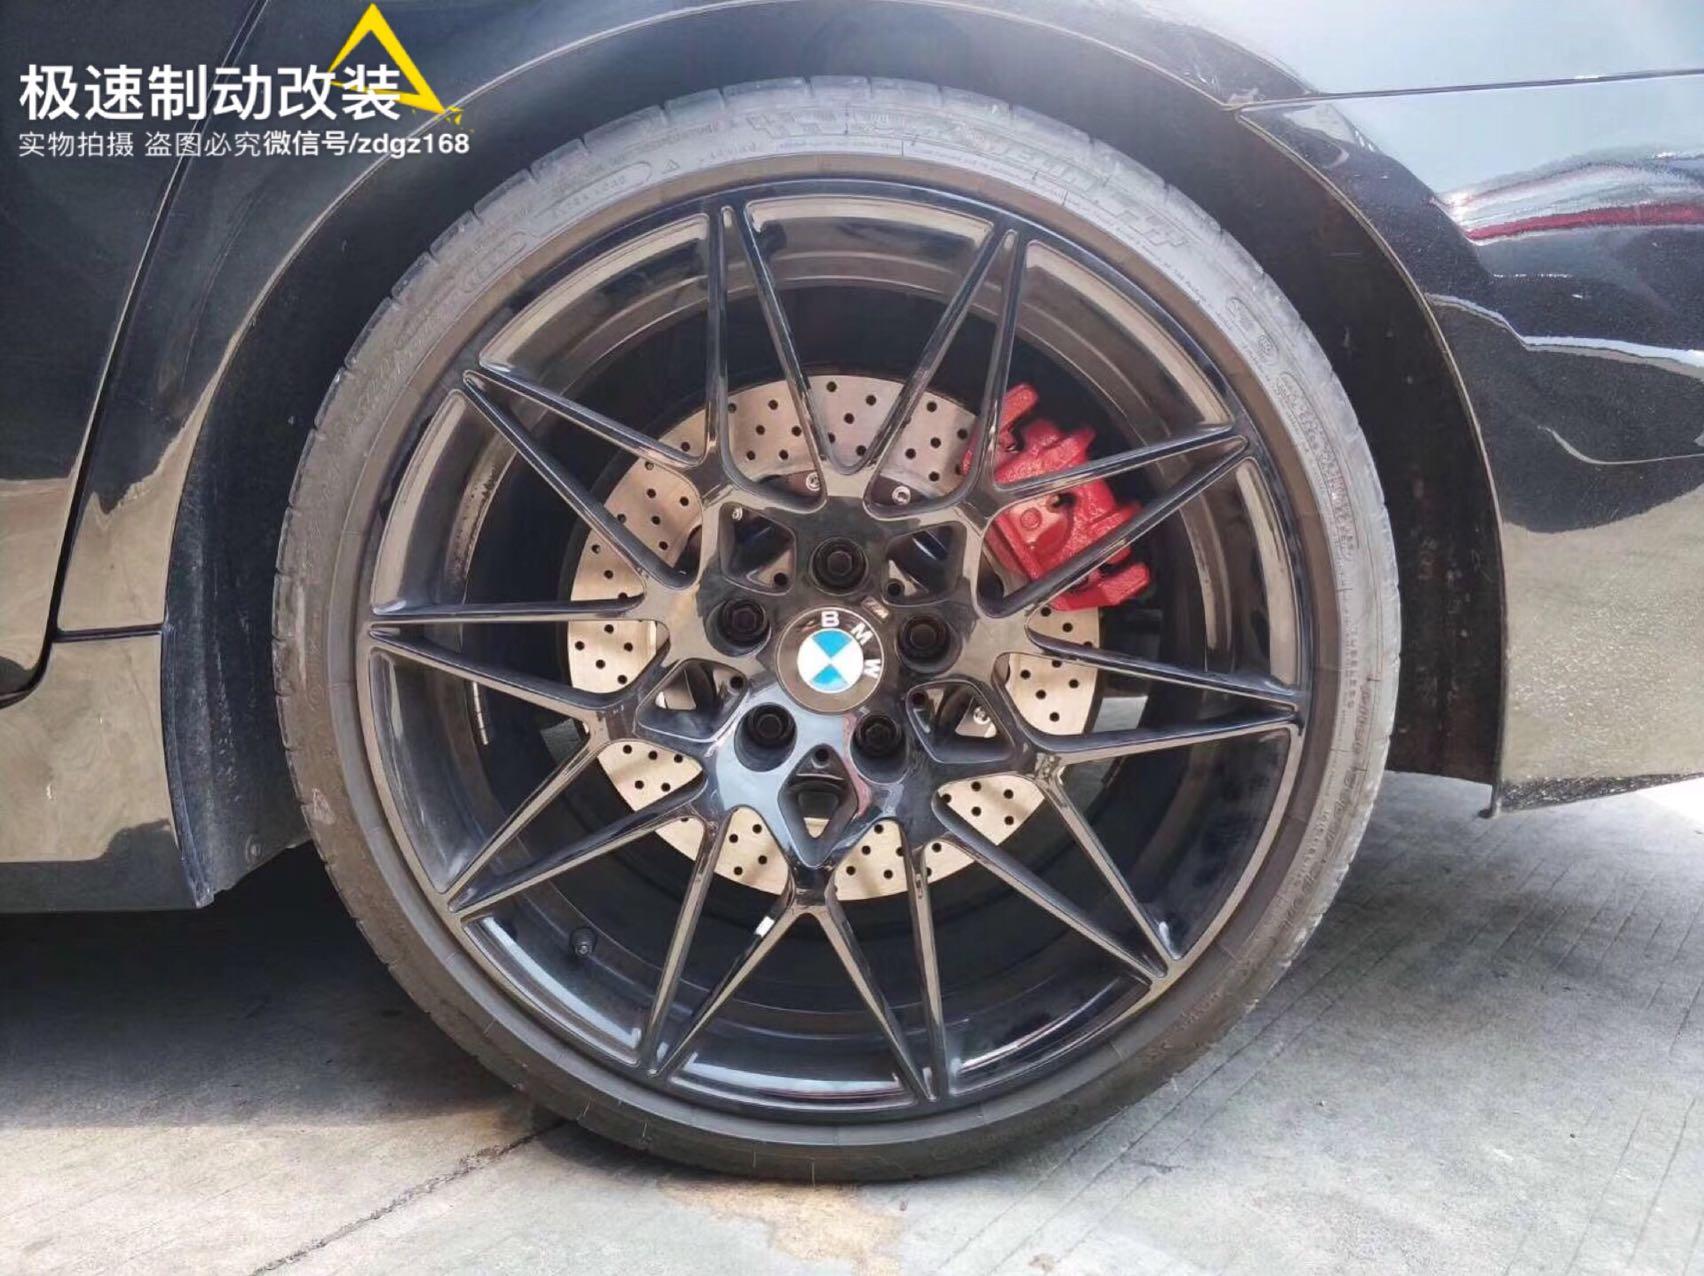 宝马5系刹车升级前Brembo GT6套件➕后轮加大碟,完美上车!